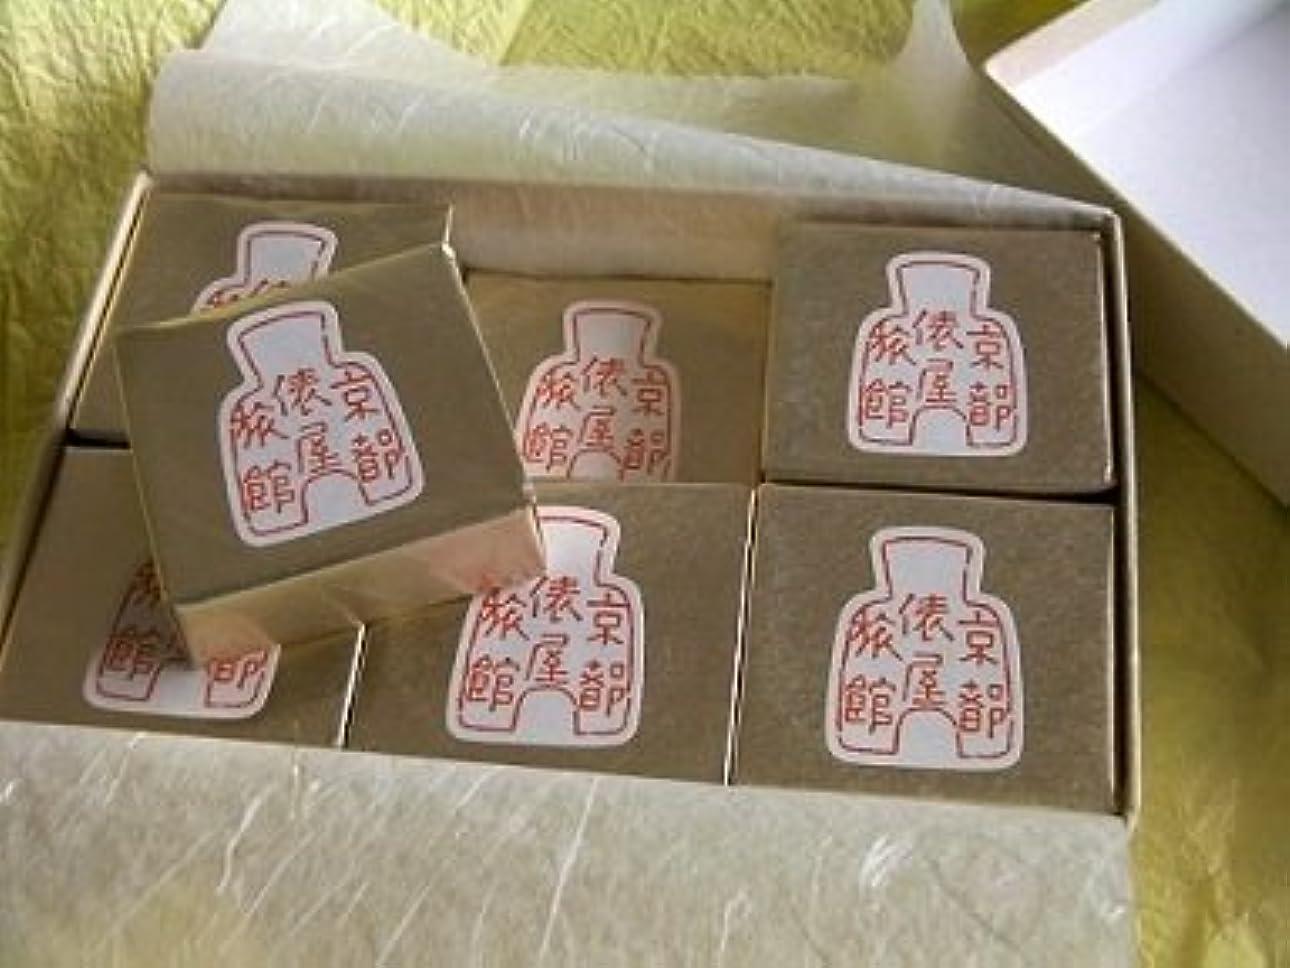 関係同行する感じ俵屋旅館 俵屋の石鹸 12個入り 【ギフト包装&紙袋付き】 製造元:松山油脂 通販